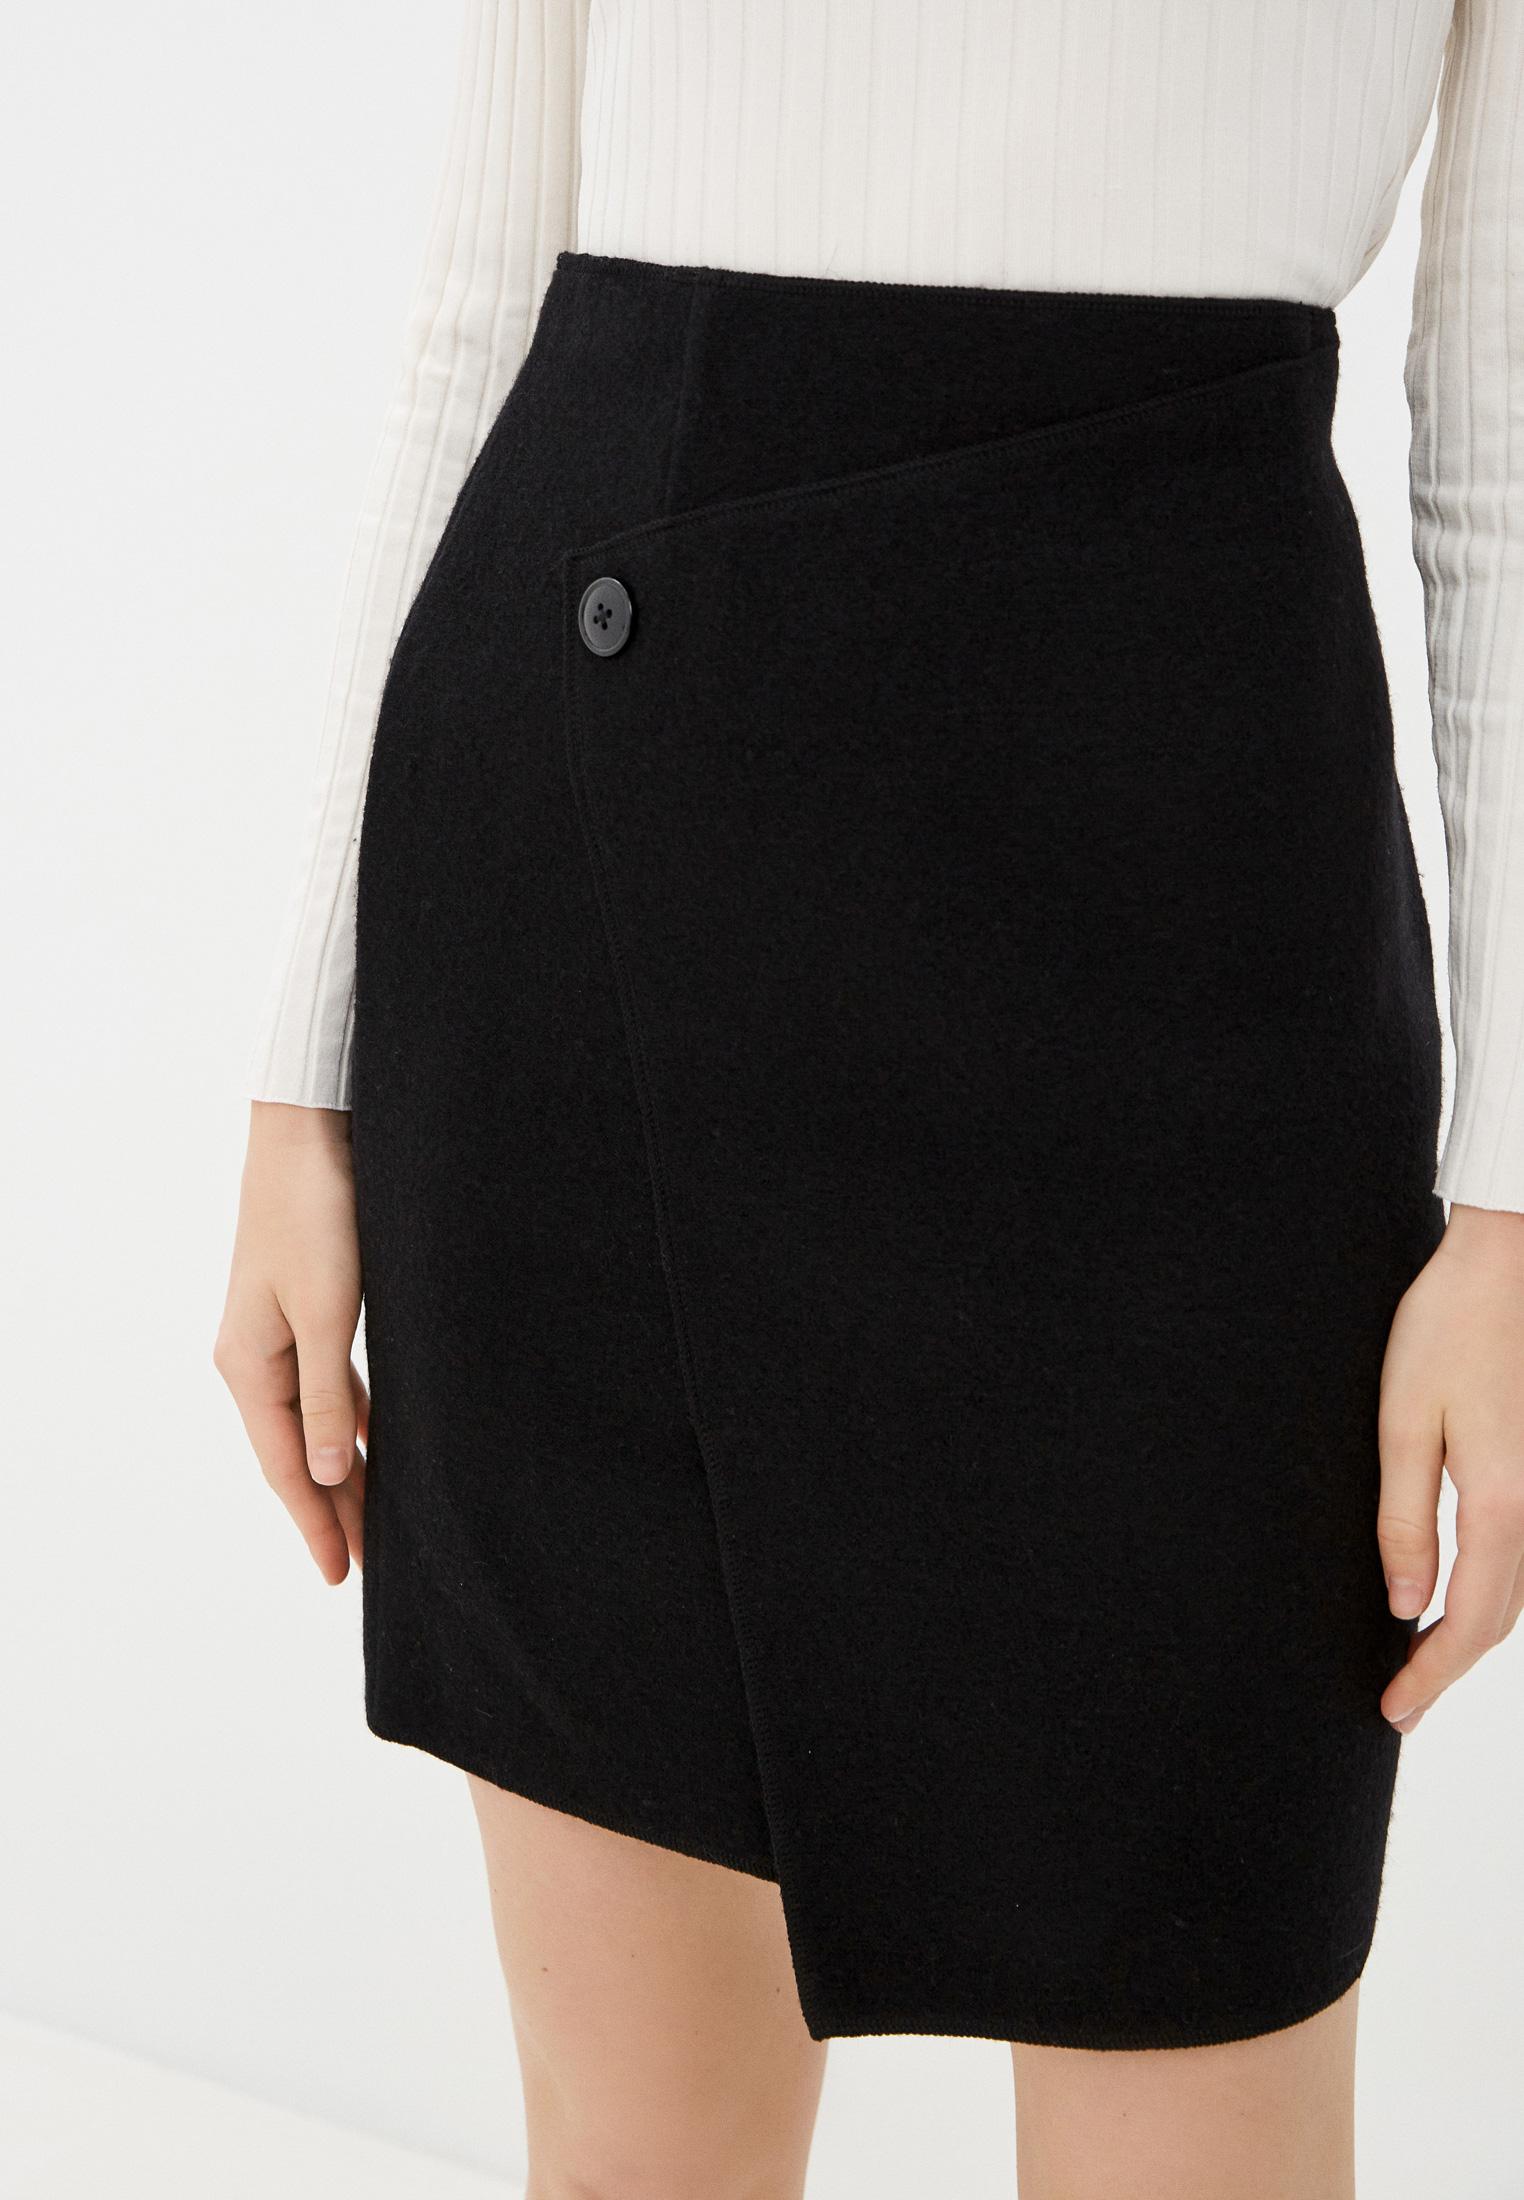 Прямая юбка Gerry Weber (Гарри Вебер) 110003-44717